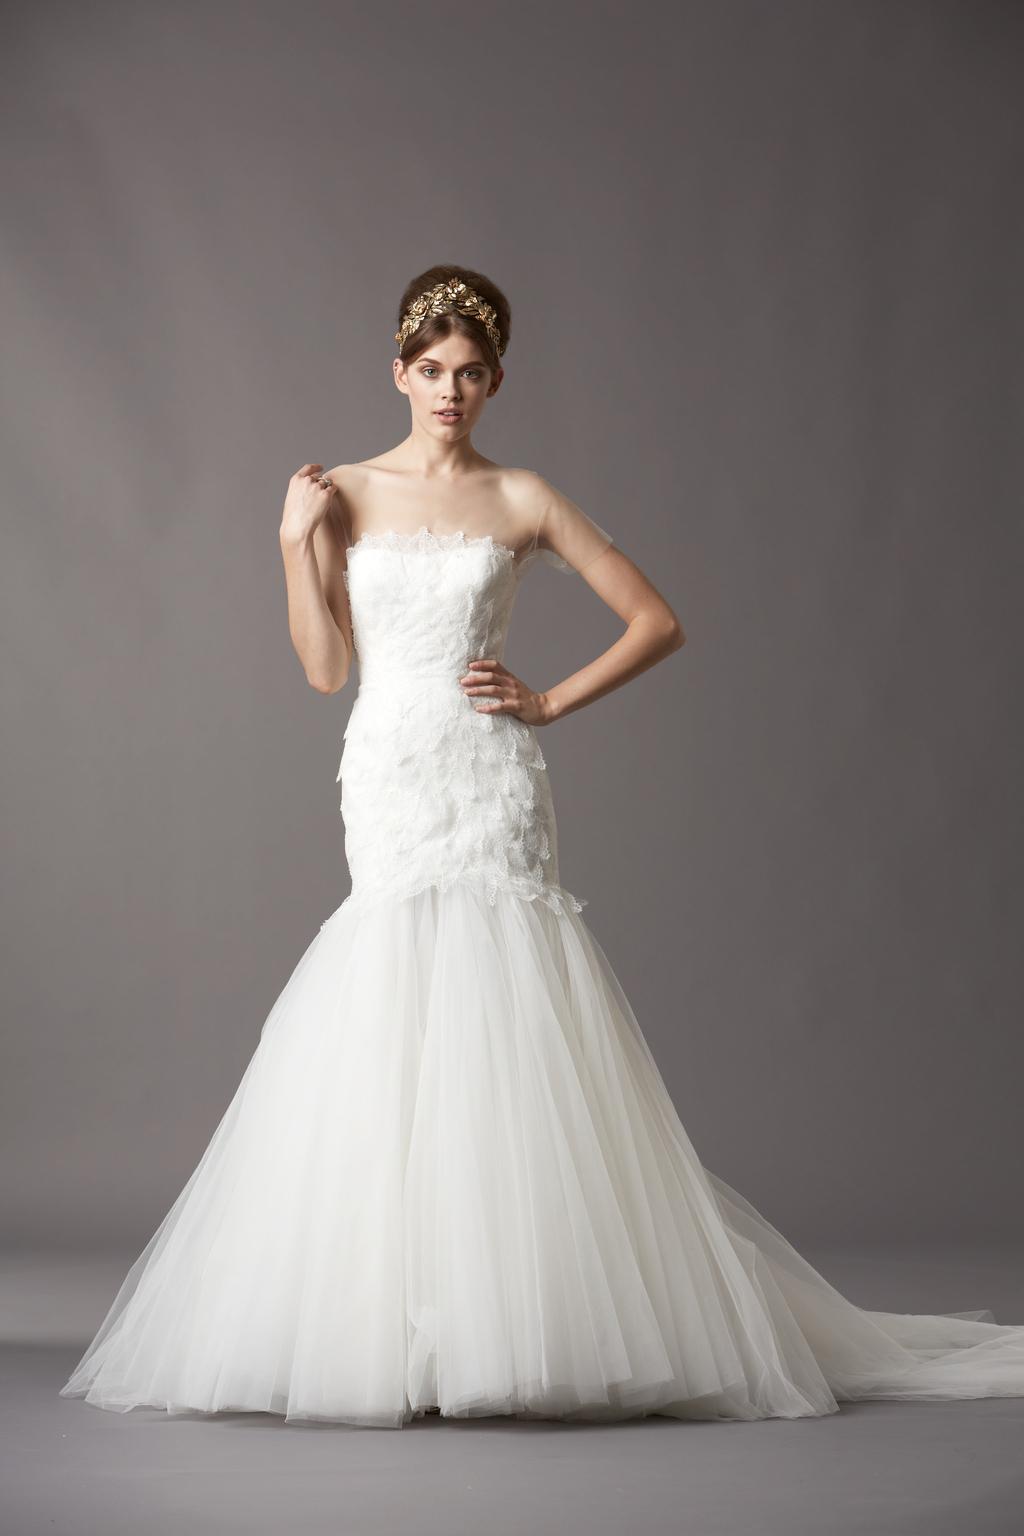 Watters-bridal-gowns-fall-2013-wedding-dress-4057b.full